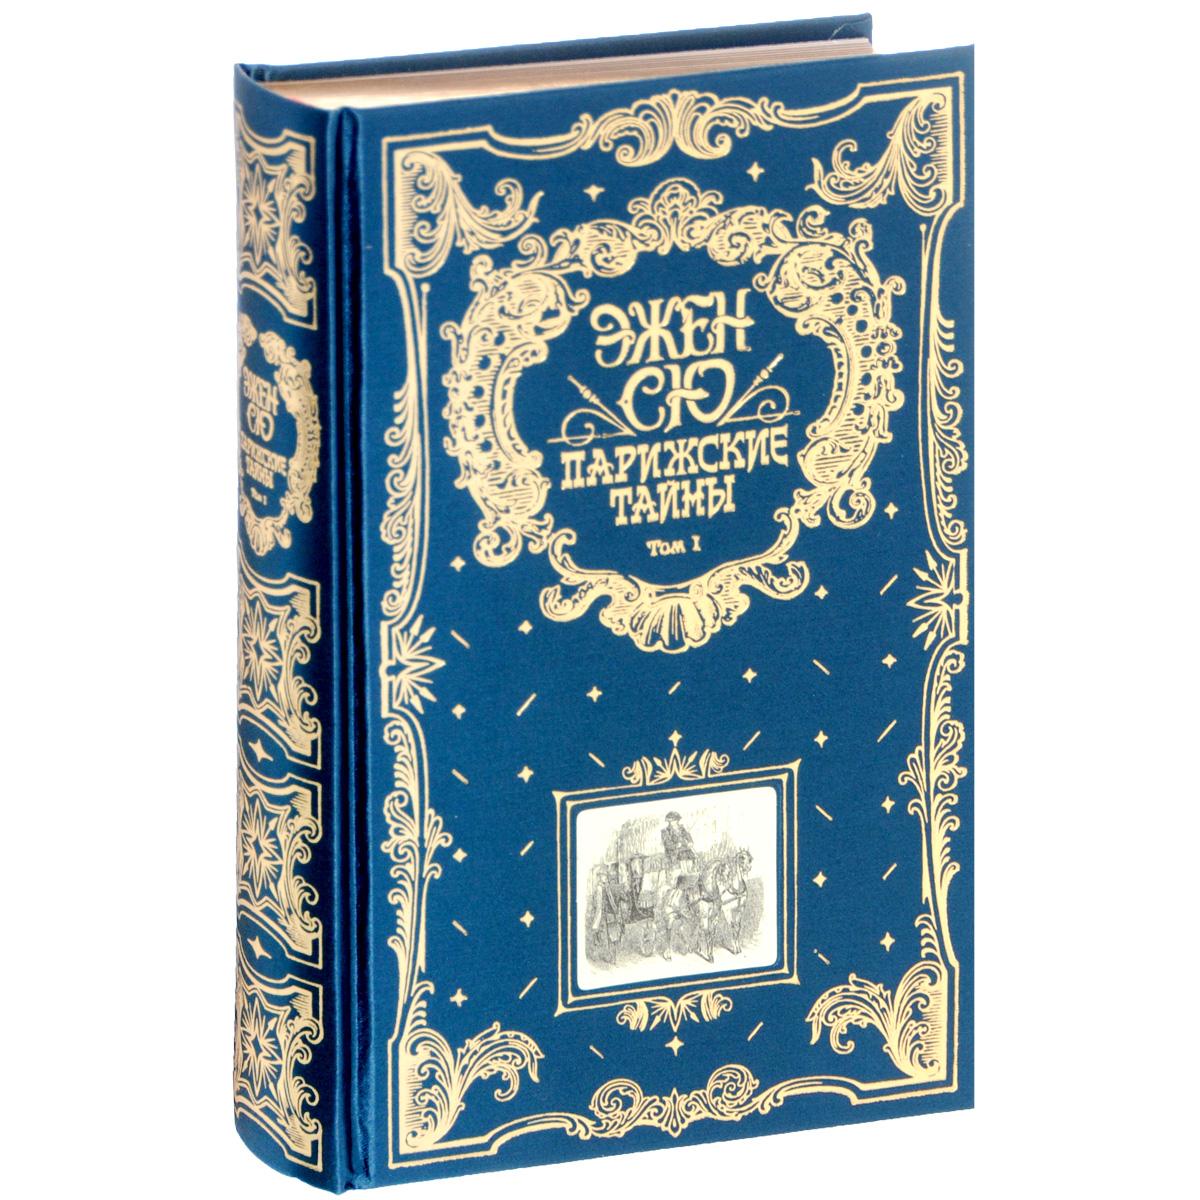 Эжен Сю Парижские тайны. В 2 томах. Том 1 (подарочное издание)